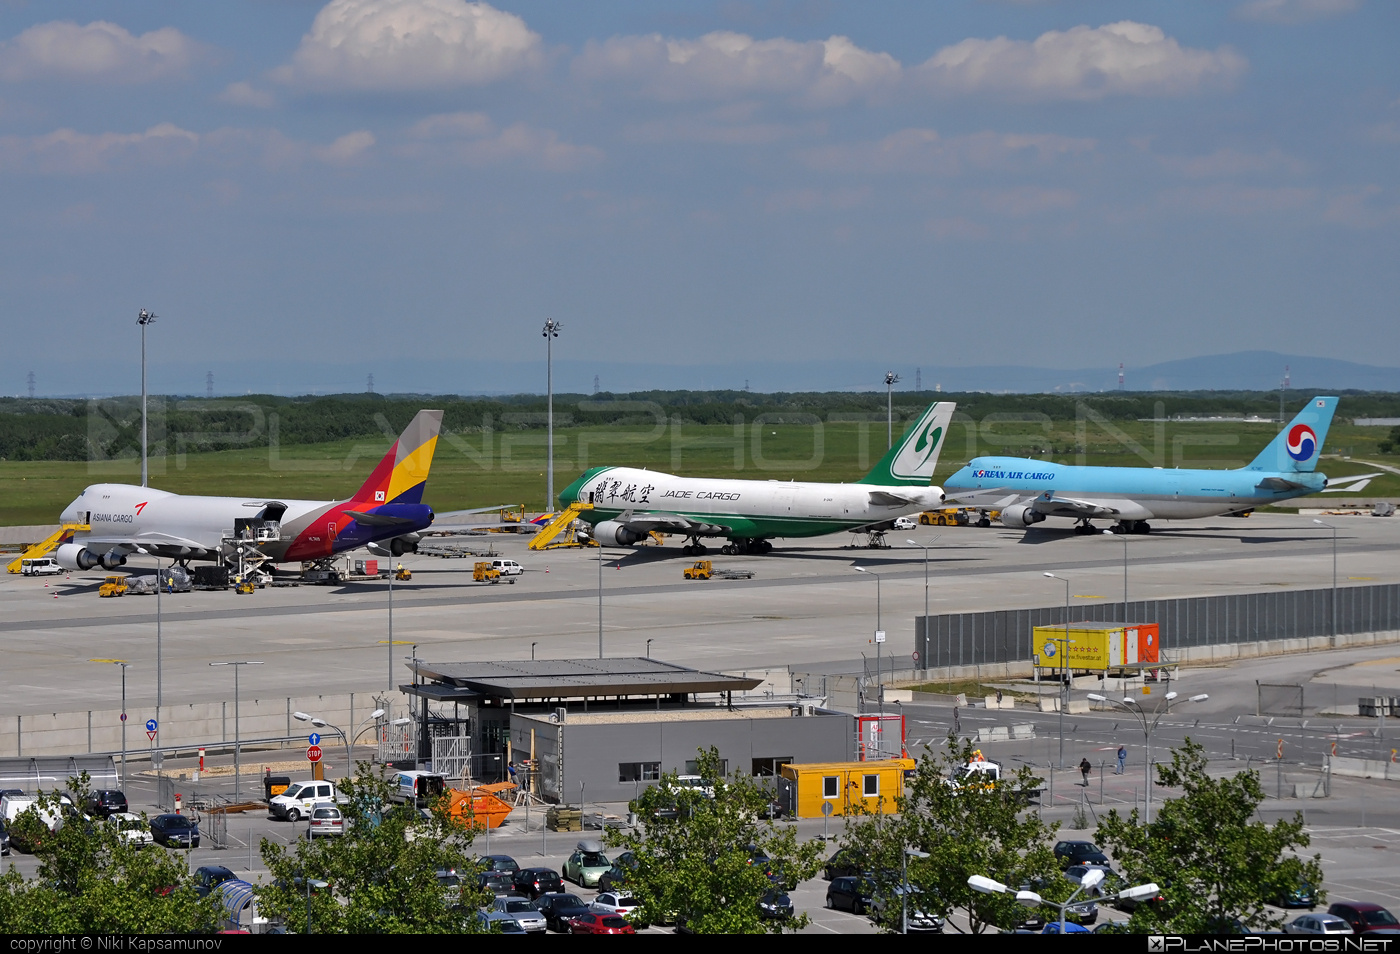 Boeing 747-400ERF - B-2421 operated by Jade Cargo International #b747 #b747erf #b747freighter #boeing #boeing747 #jumbo